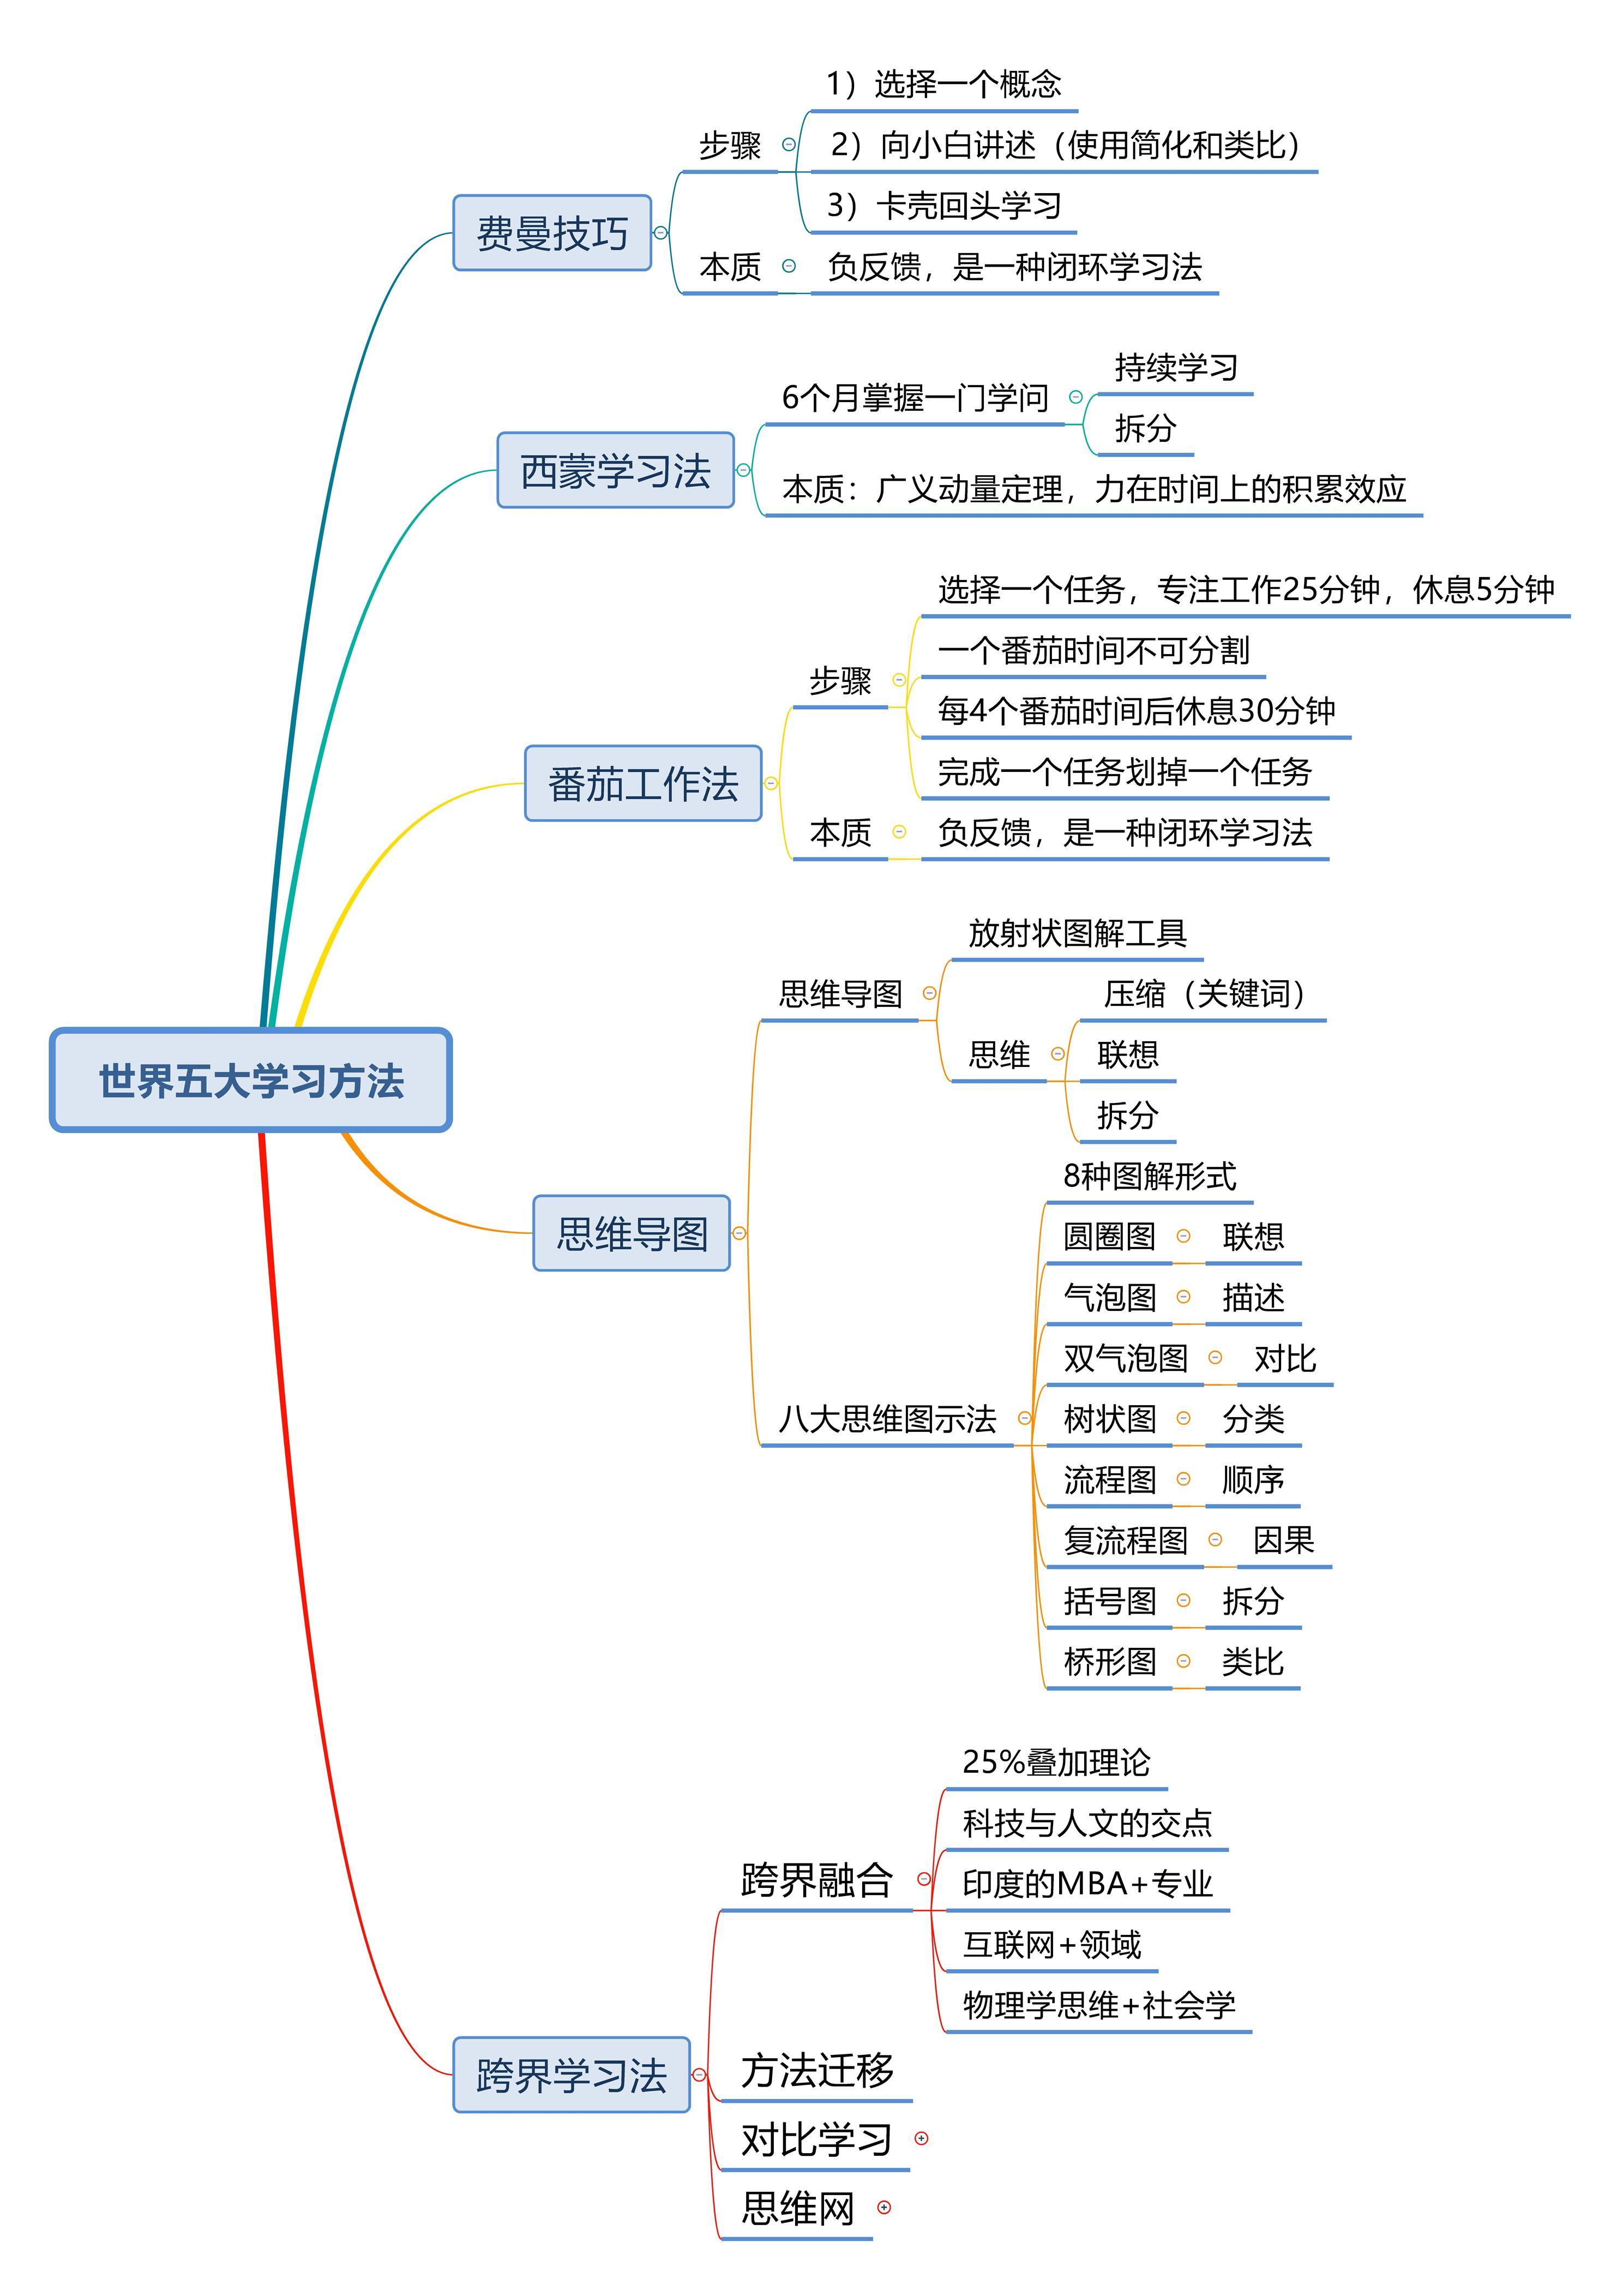 世界五大学习方法